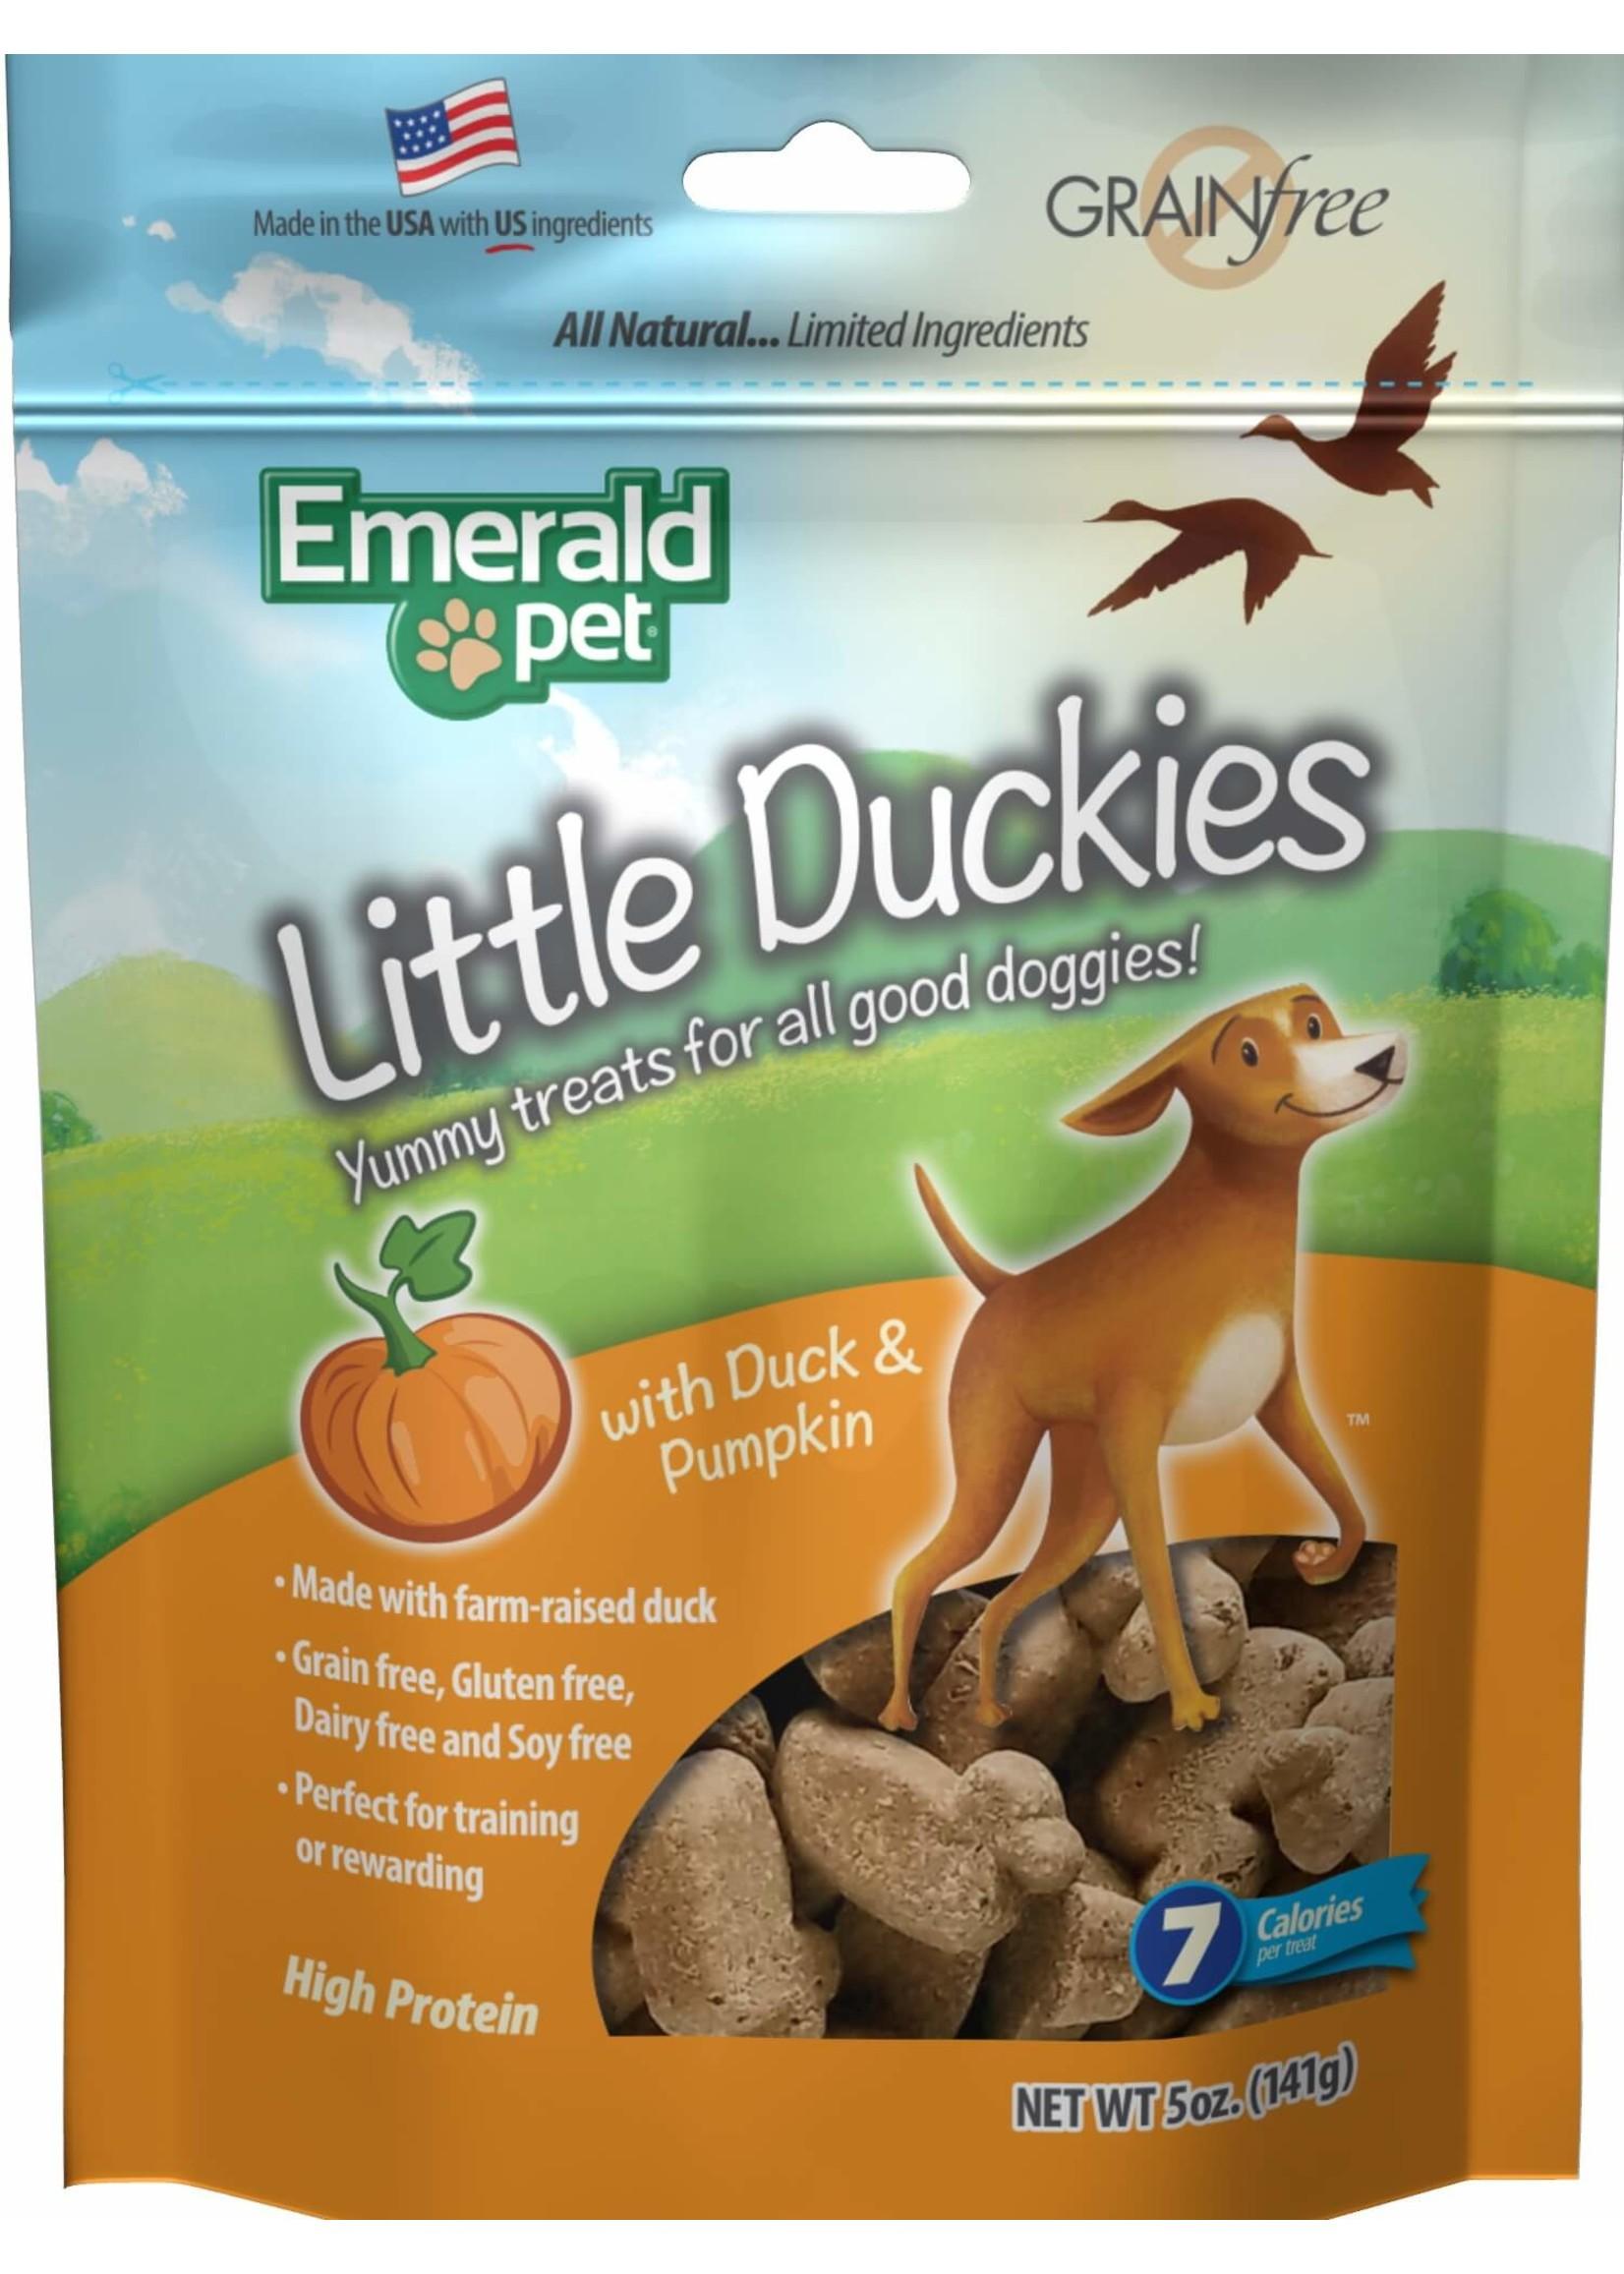 Emerald Pet Emerald Pet Little Duckies Cranberry Blueberry Sweet Potato Pumpkin5oz